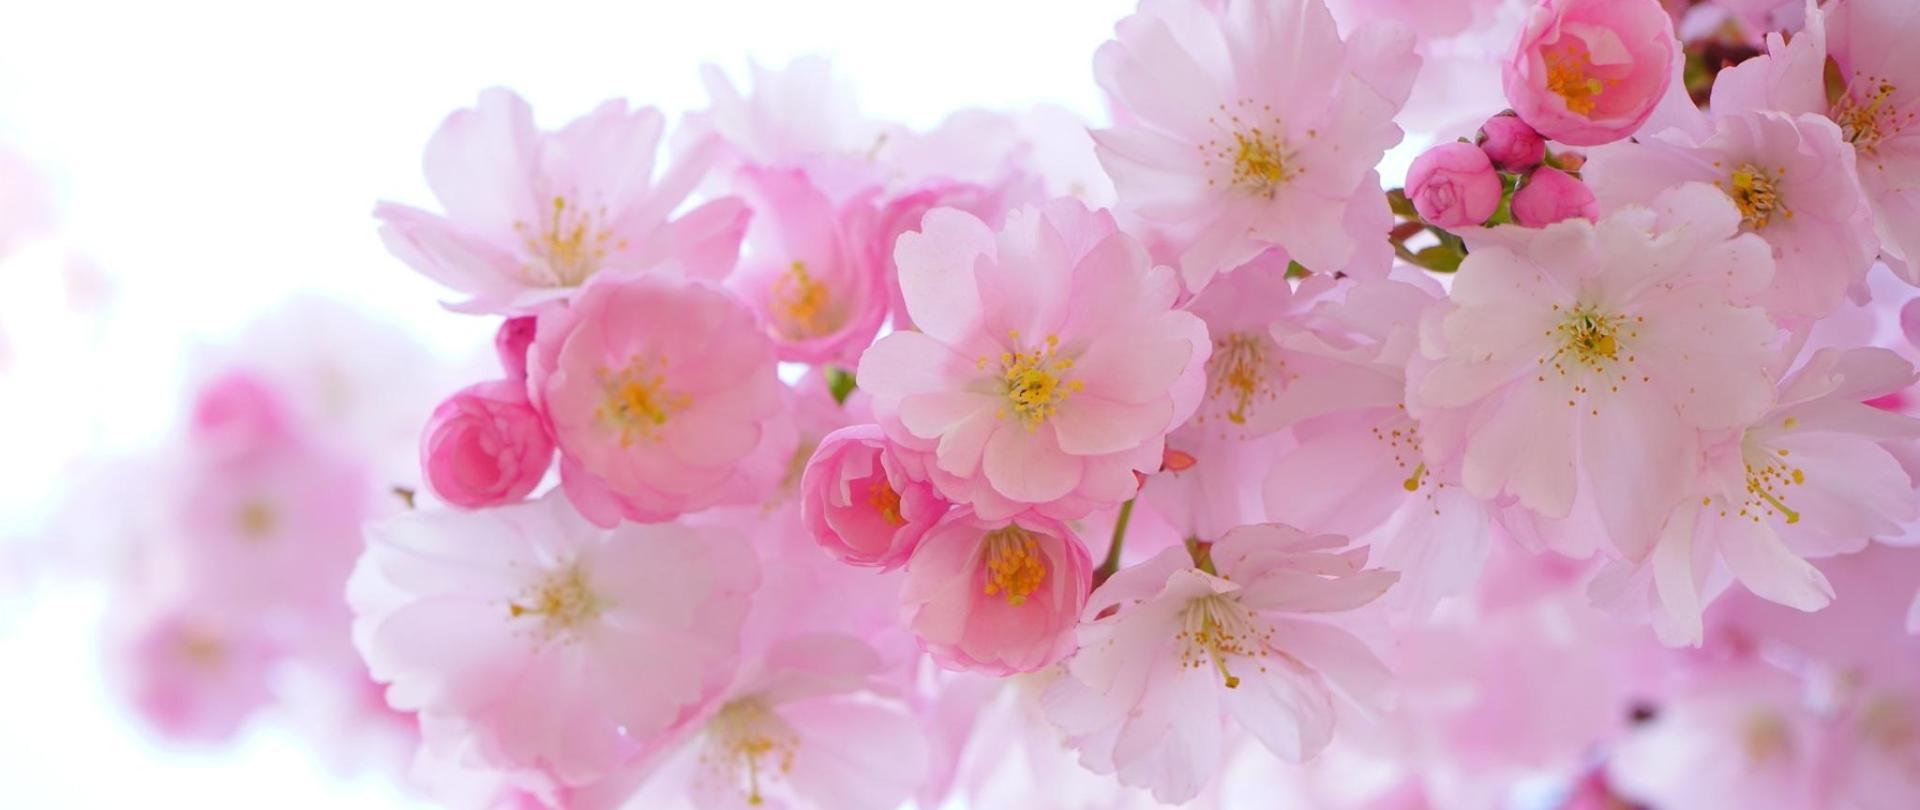 japanese-kirsebærtræerne-blomster-fjeder-japanese-blomstring-kirsebær-54630.jpeg